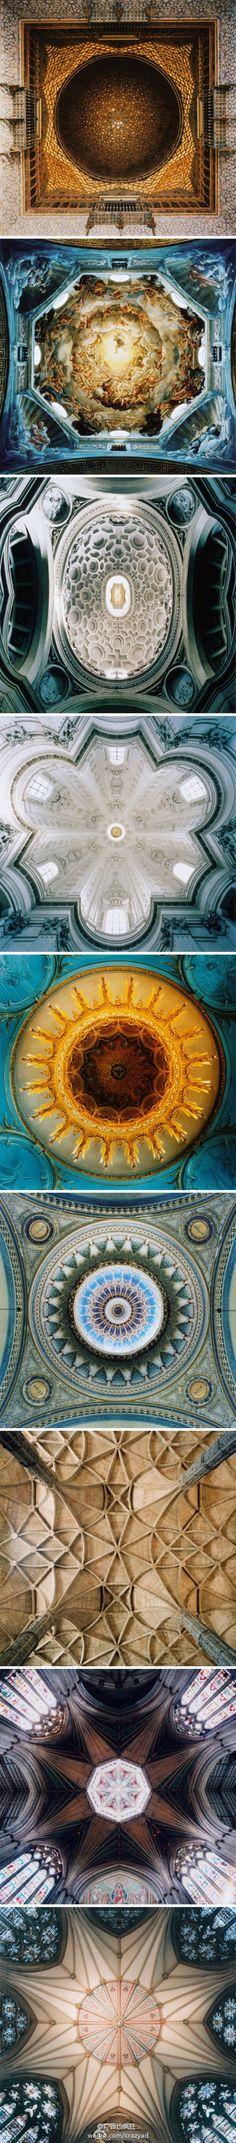 美國攝影師David Stephenson的攝影作品,古建築內部的天花板,很美!